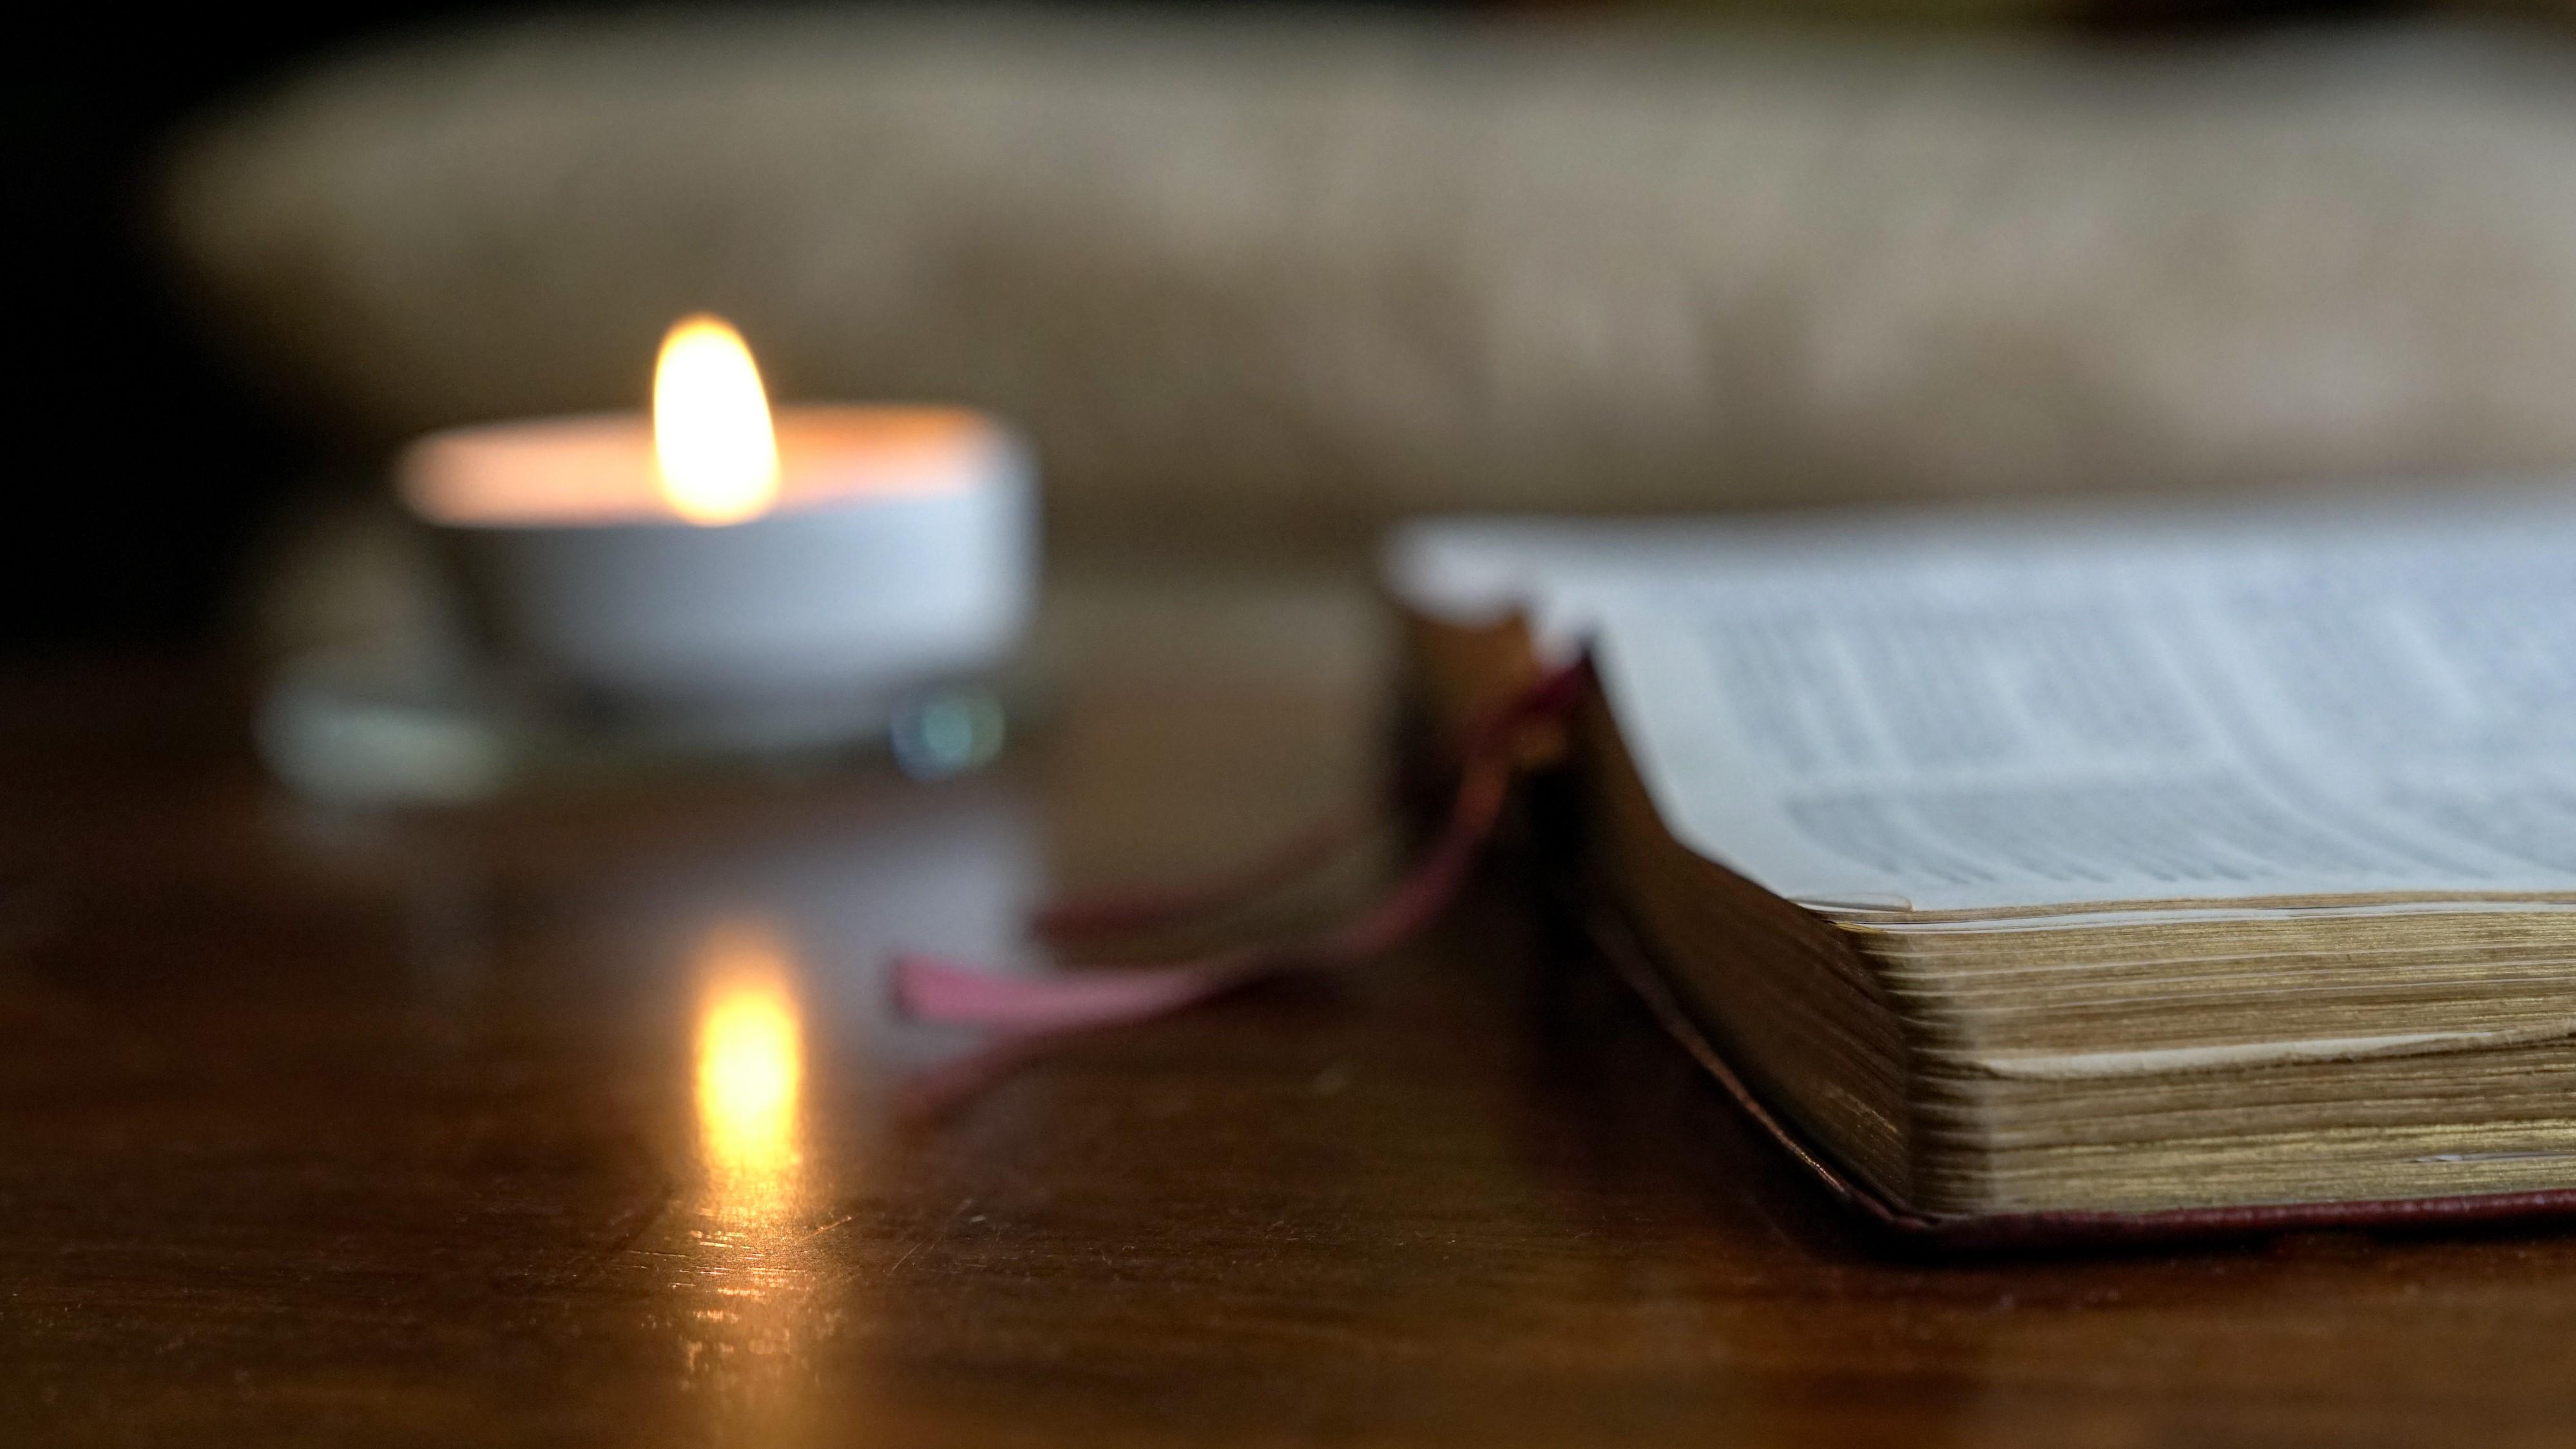 Le temps calme pour la réflexion spirituelle est un défi pour beaucoup de personnes.